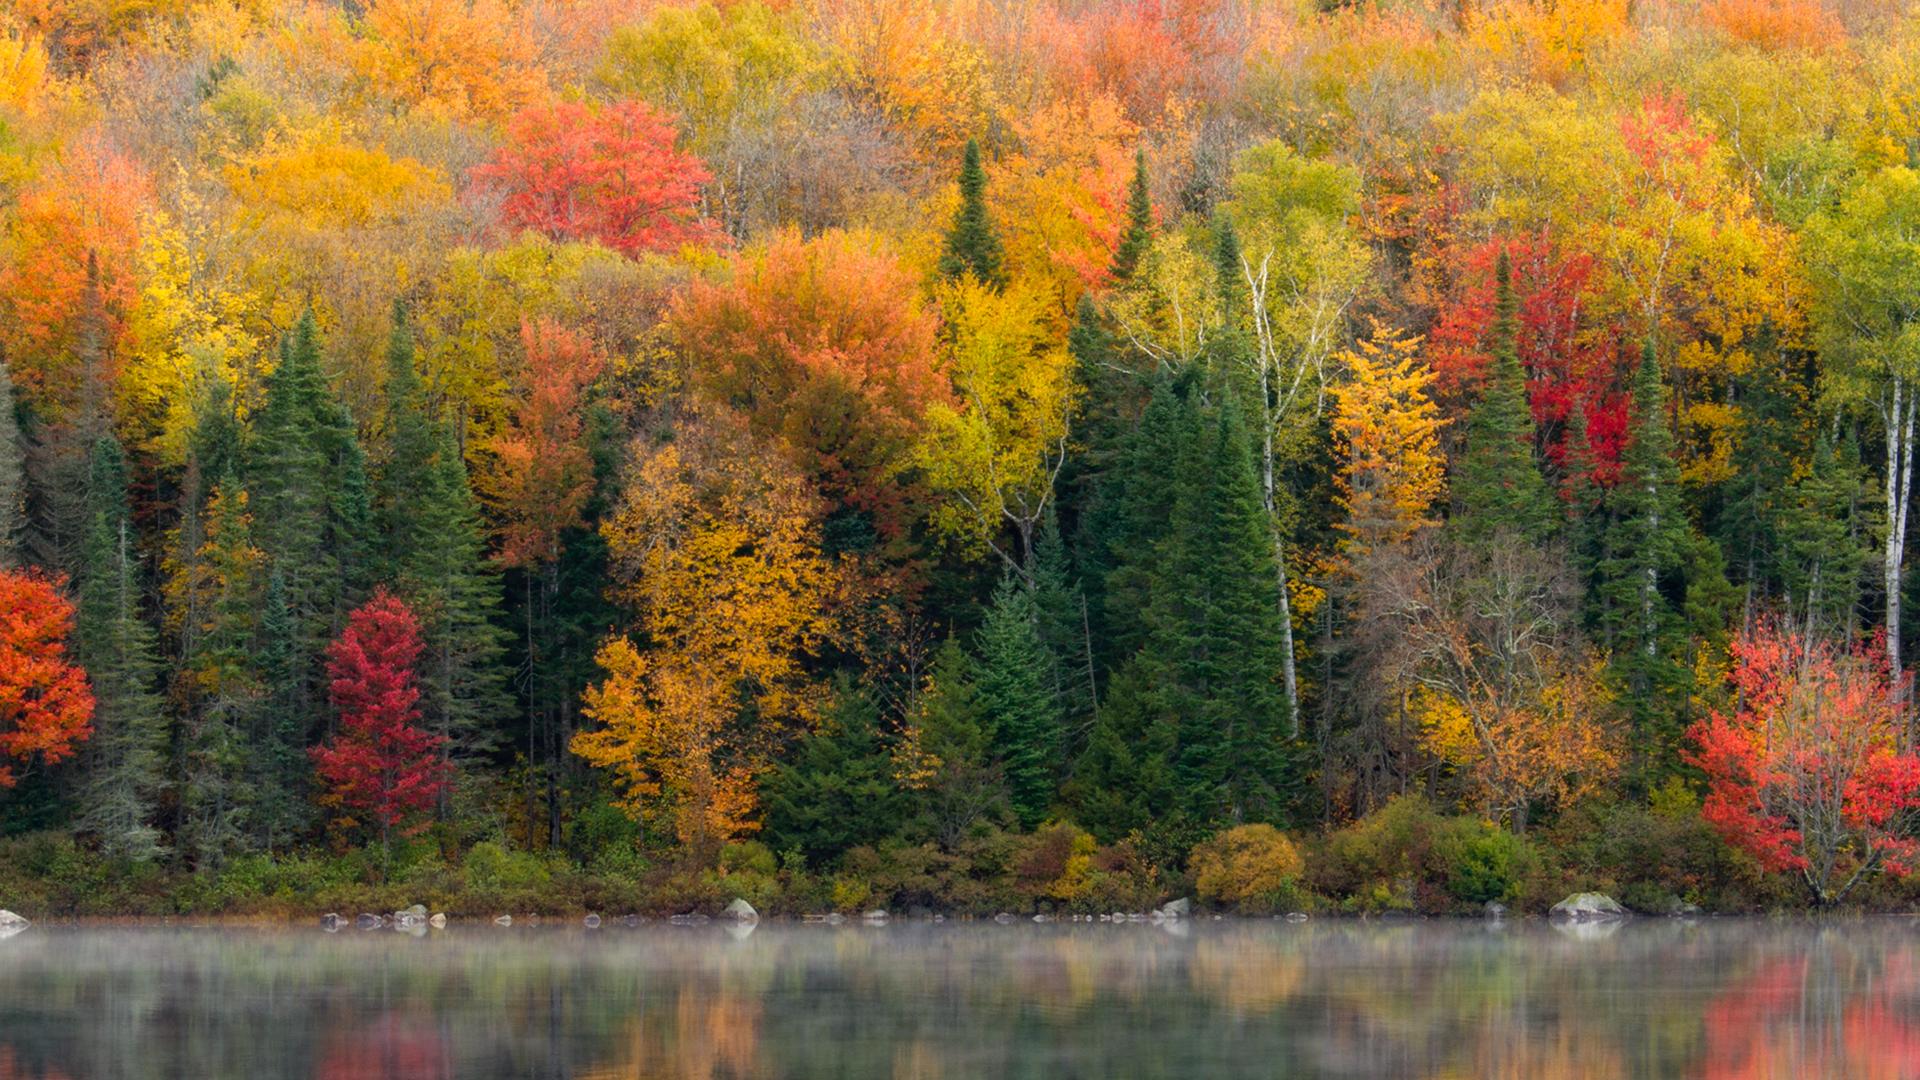 Rừng thu lá ngả màu vàng mặt nước trong vắt